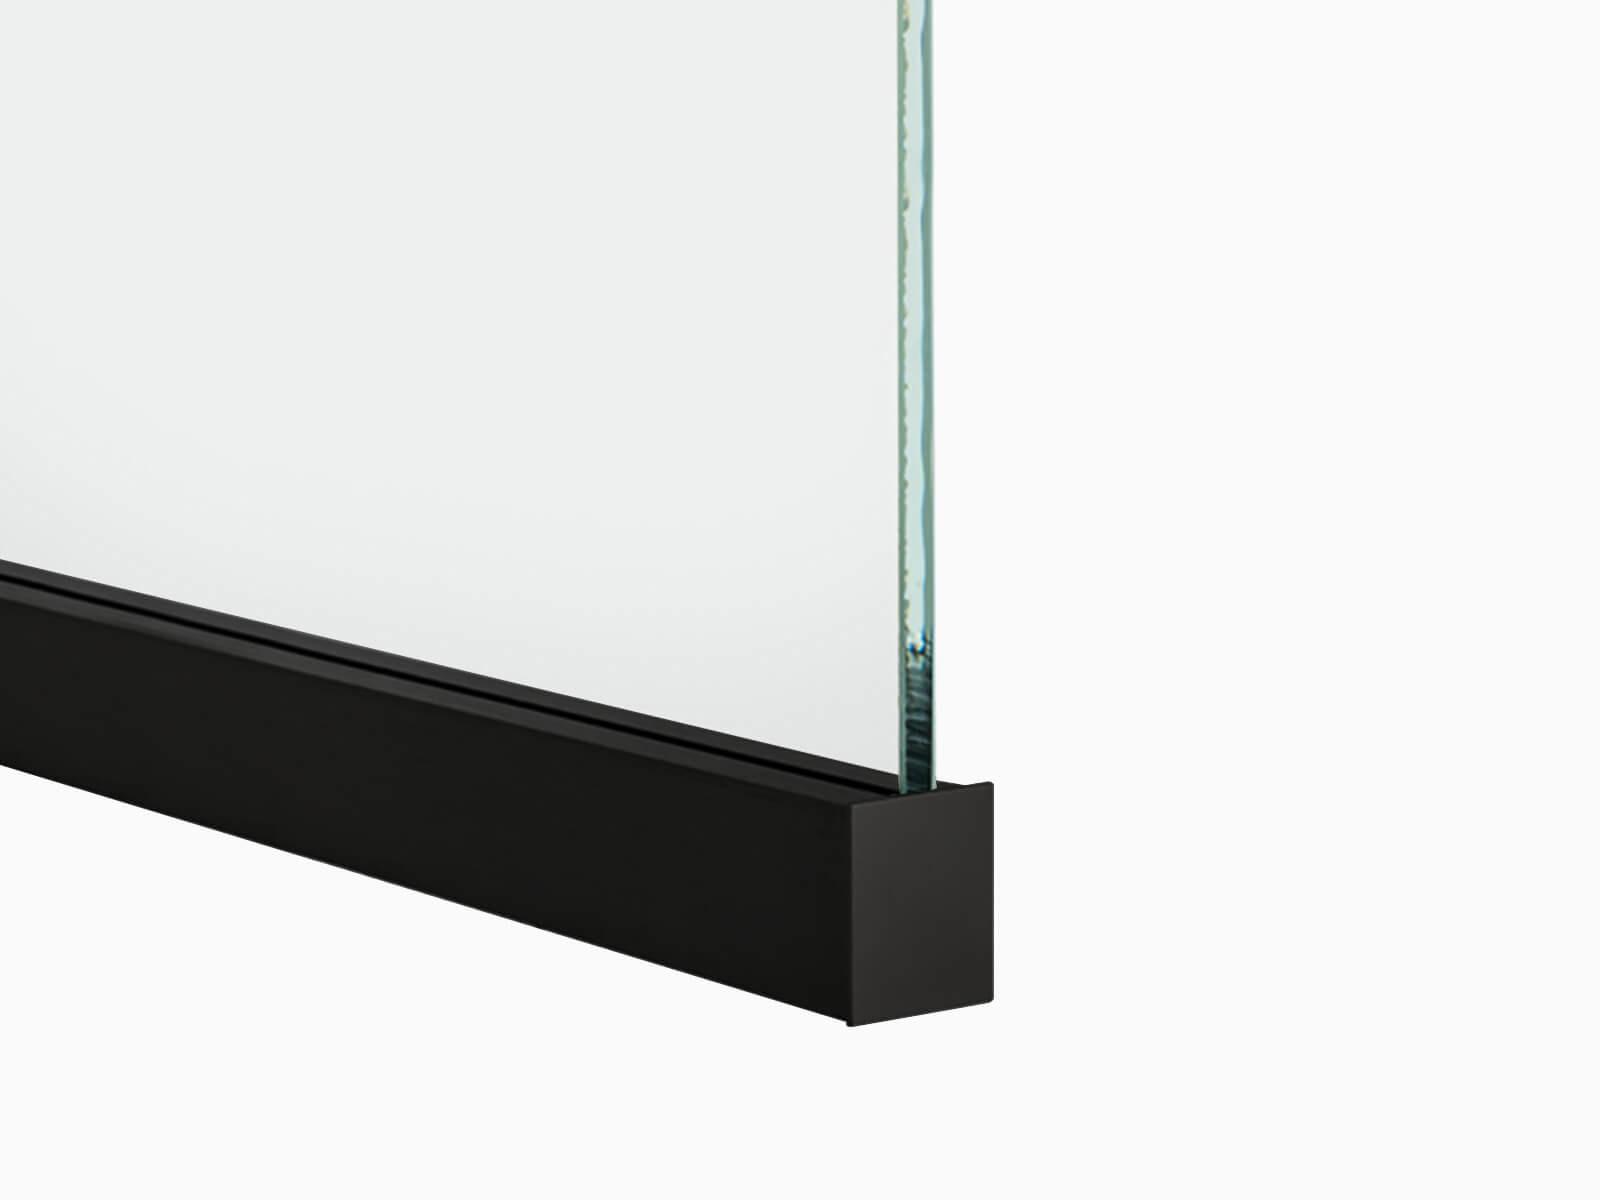 trennwand-profil-slim-black-edition-mit-glasscheibe